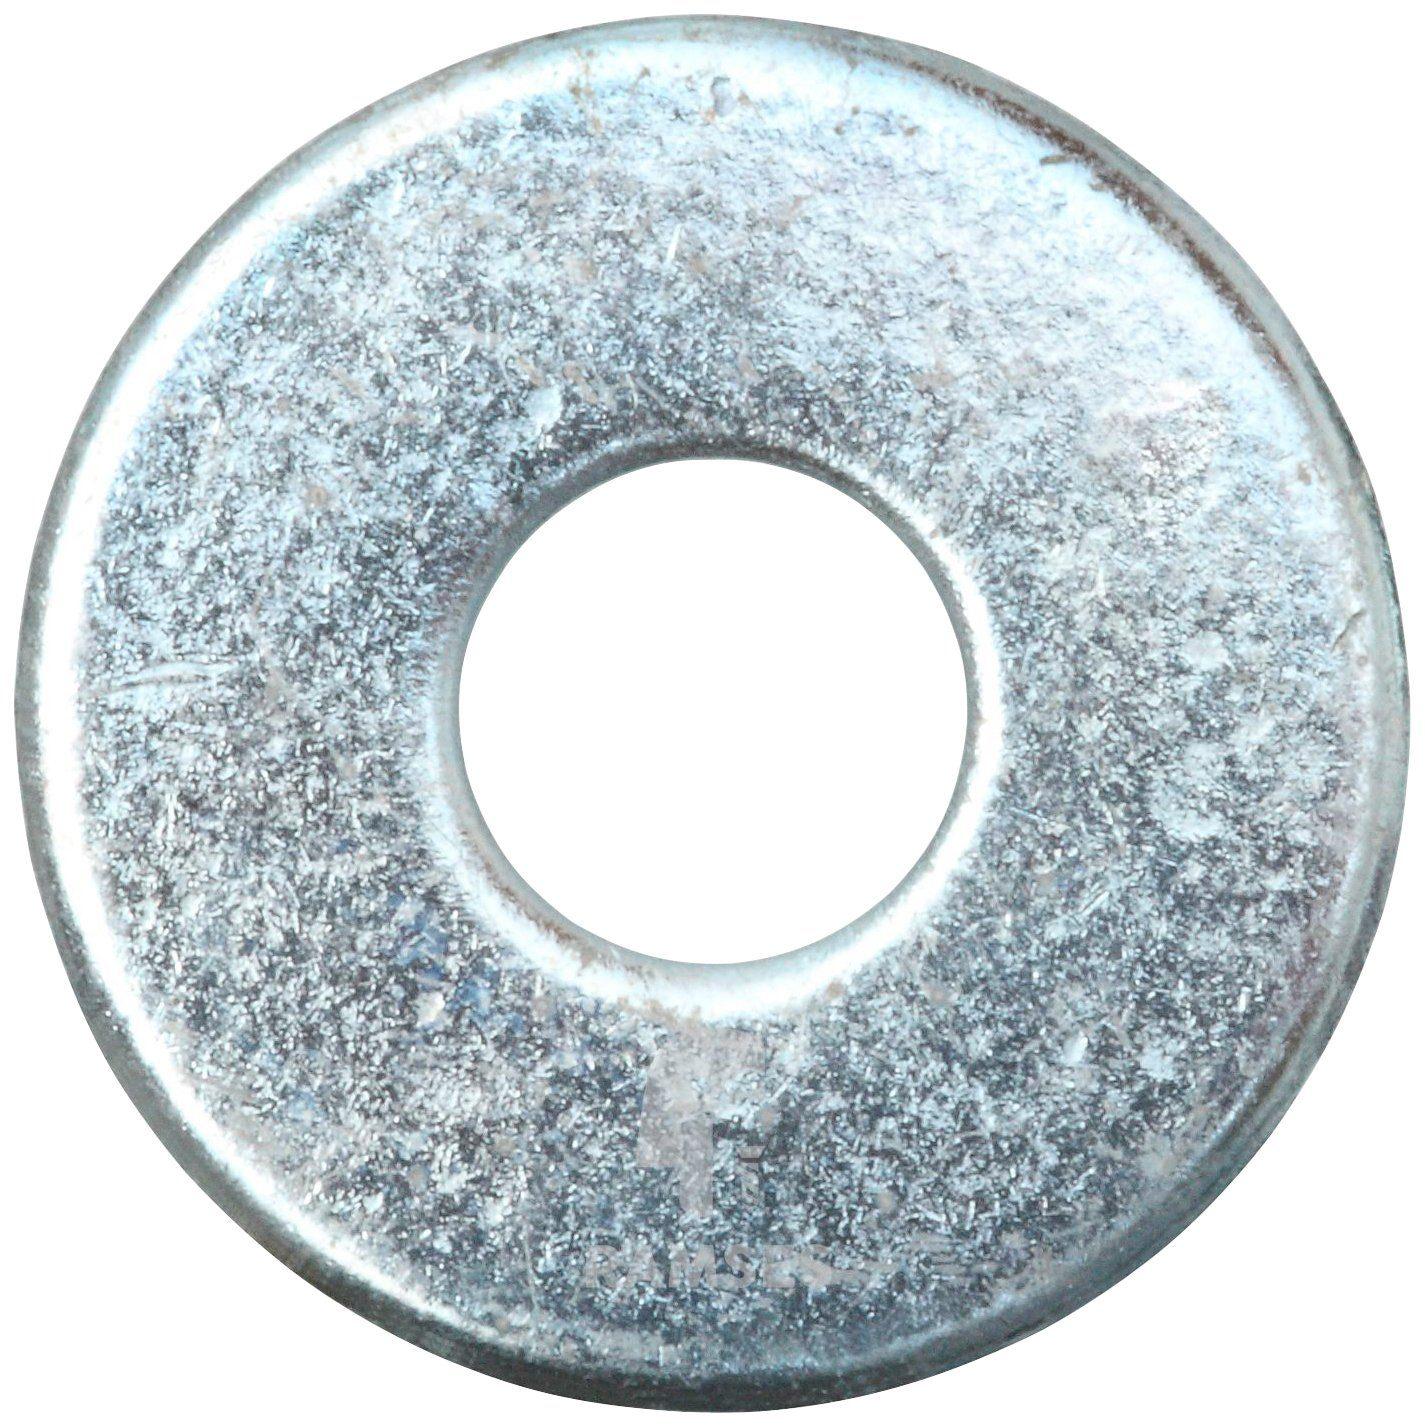 RAMSES Unterlegscheibe , DIN 9021 M14 Stahl verzinkt 100 Stück